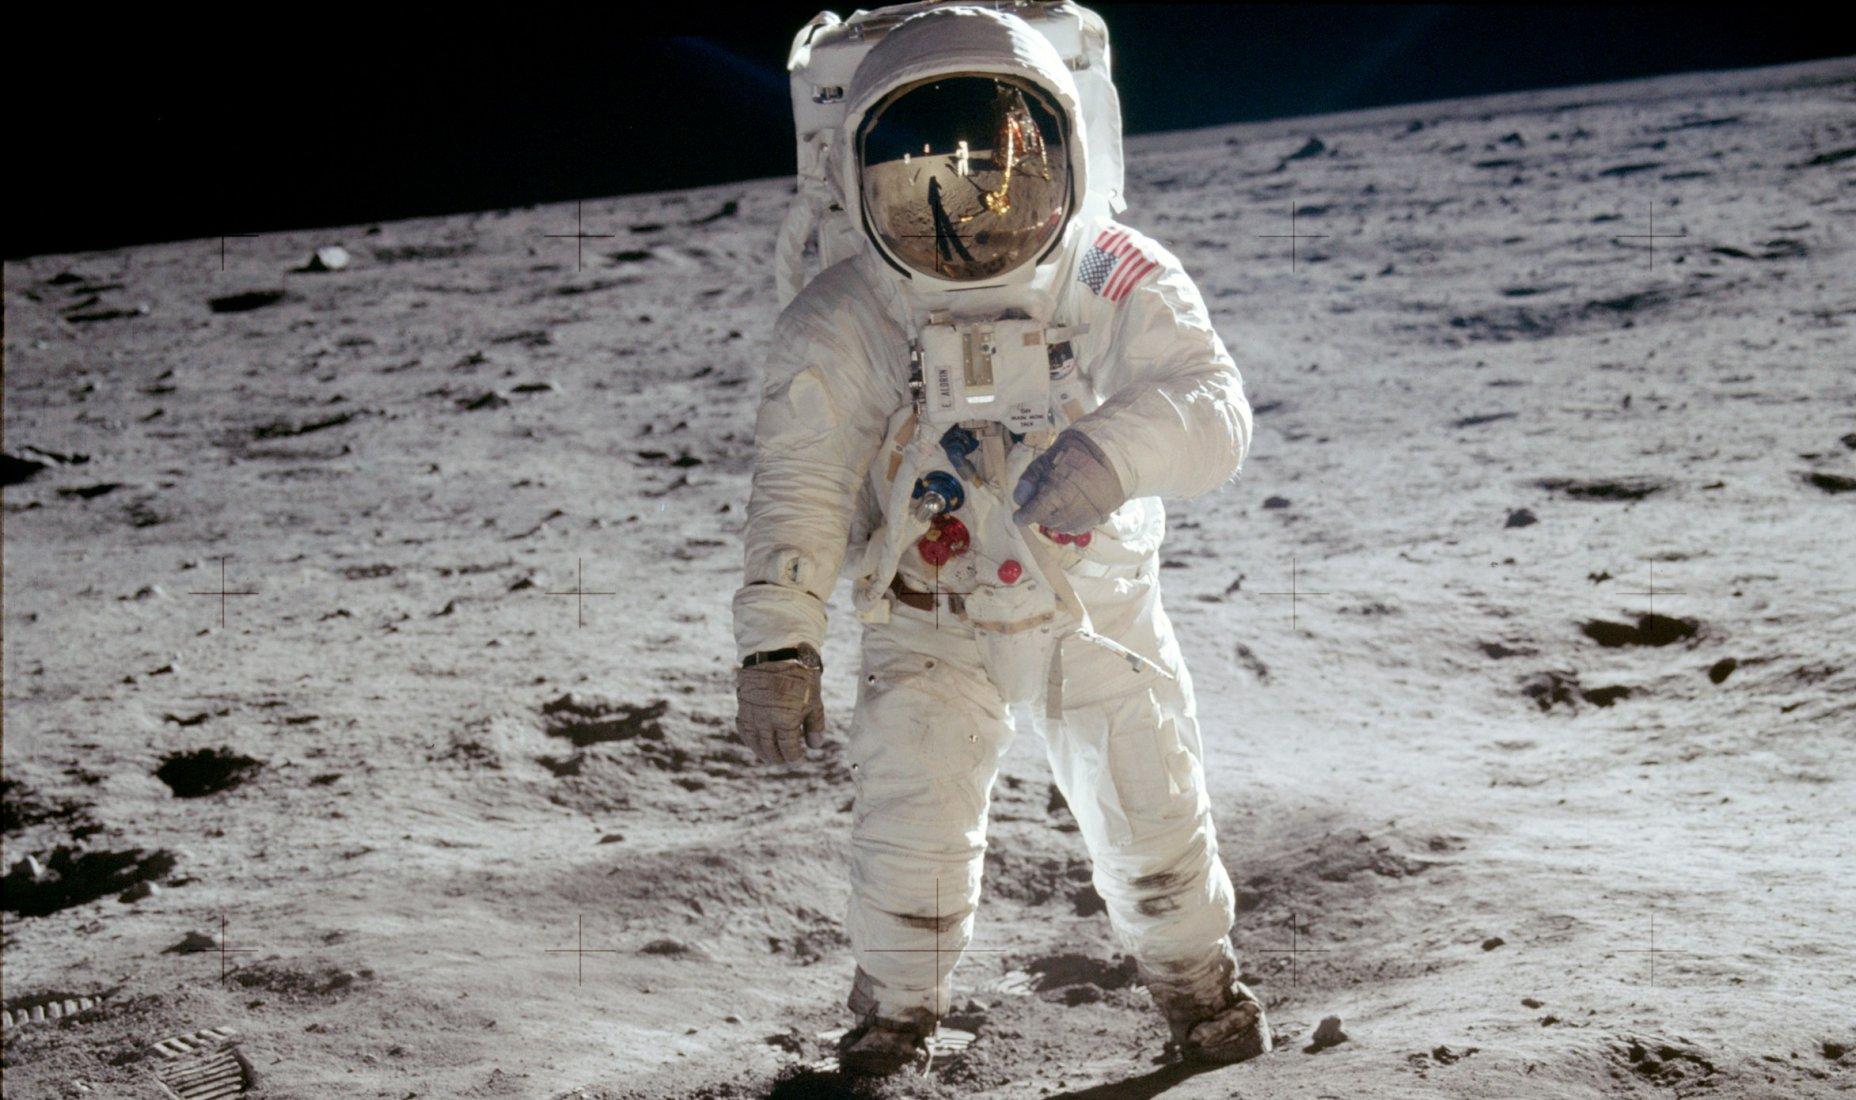 esplorazione_spaziale_2